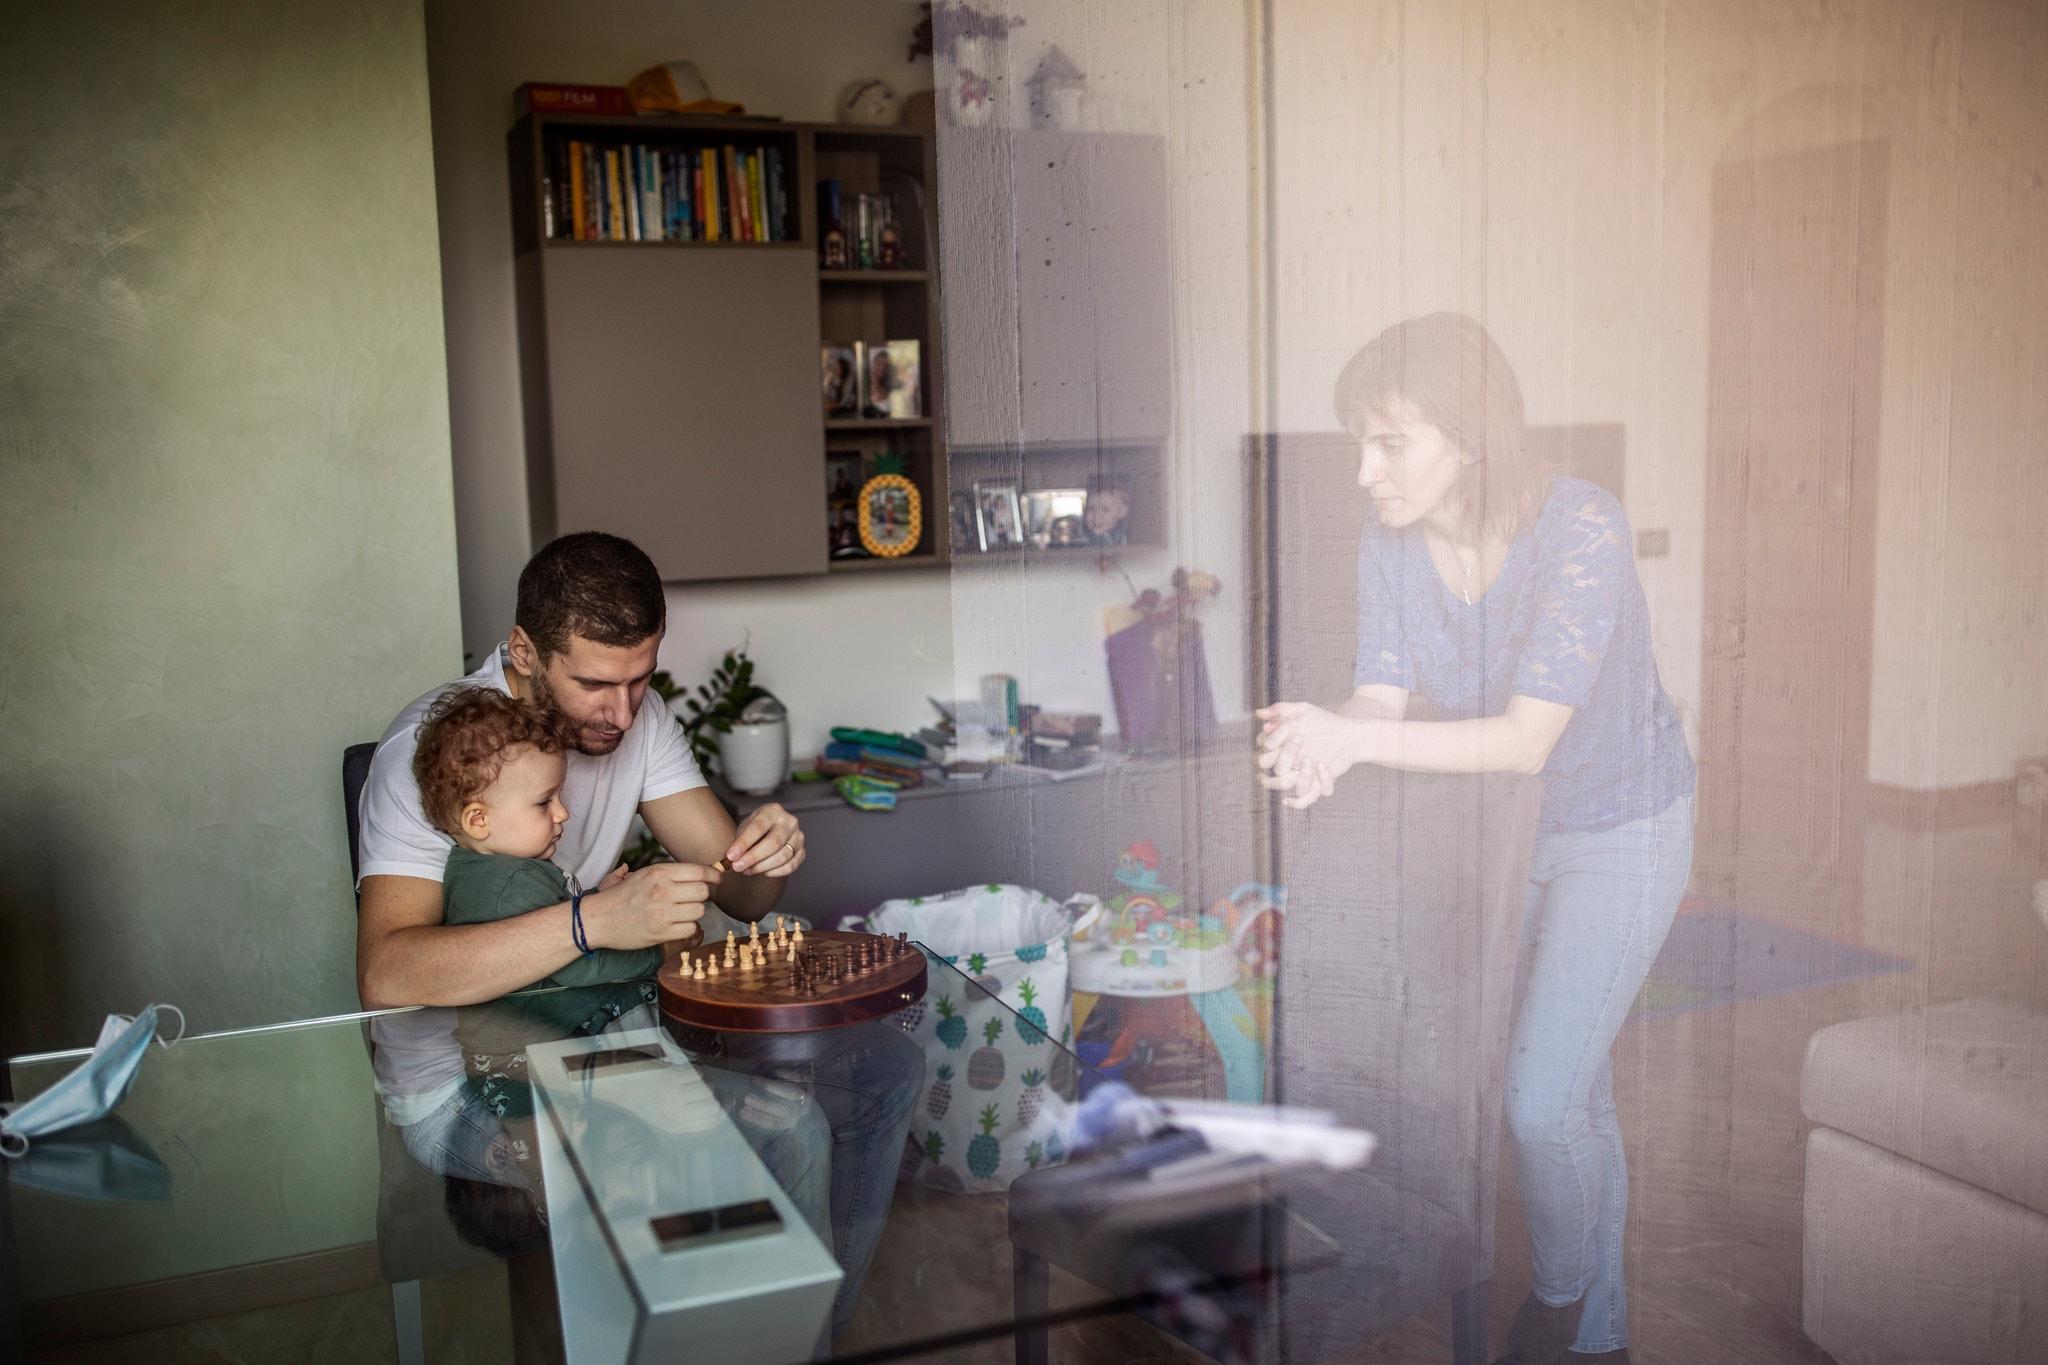 Isoler les malades à la maison, l'Italie stocke des tragédies familiales